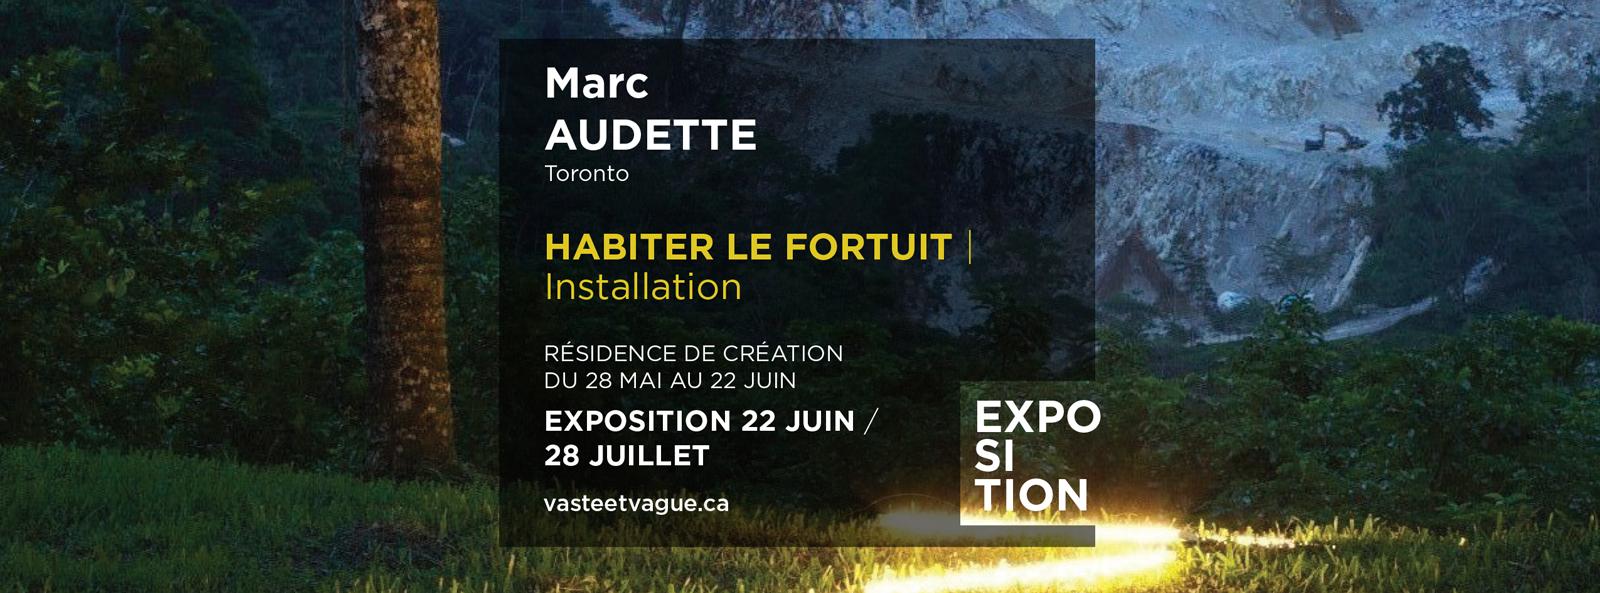 Marc AUDETTE, Toronto HABITER LE FORTUIT | Installation